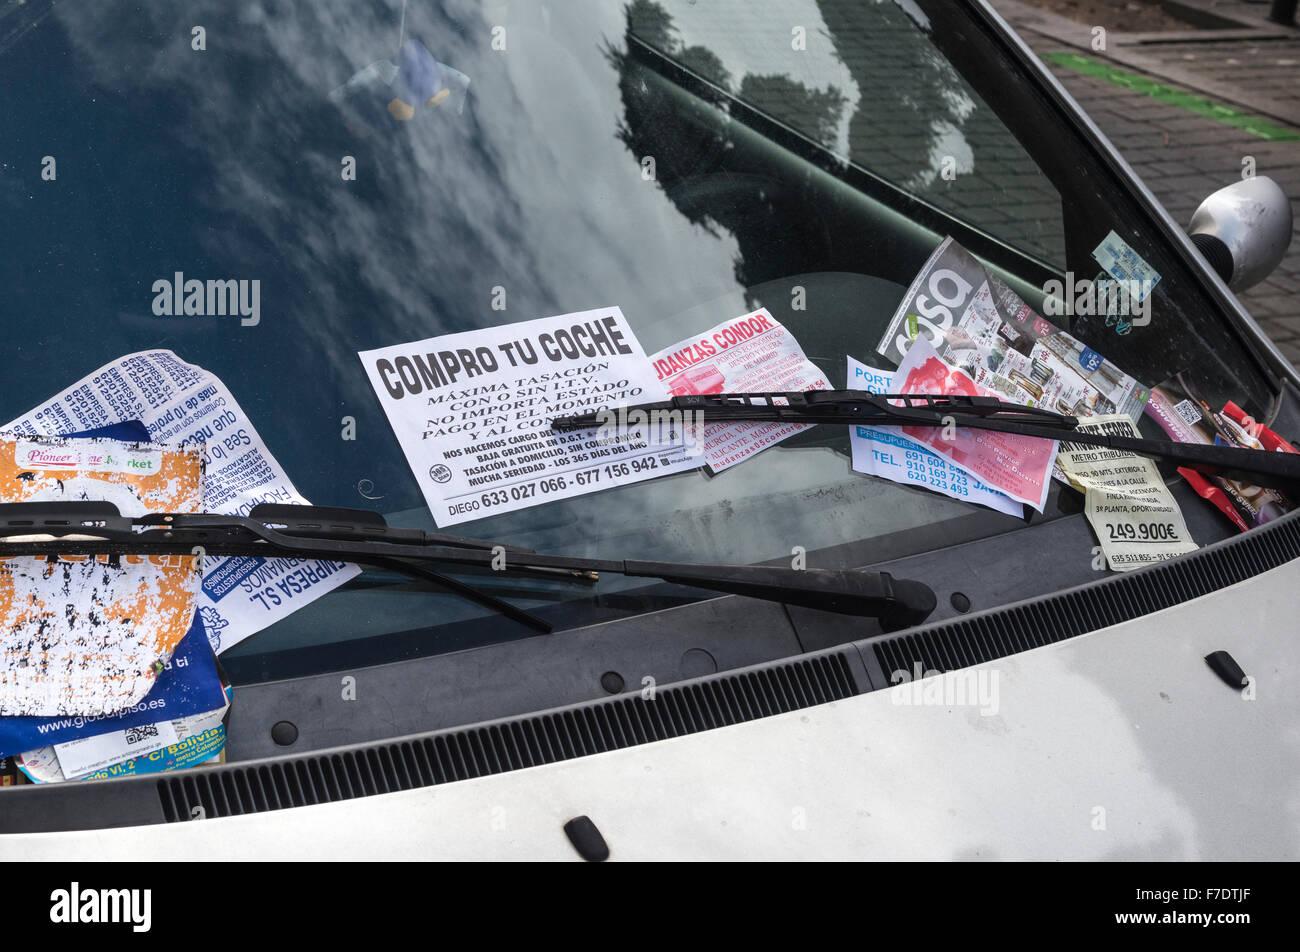 9abdb891ede9 Publicidad volantes y folletos sobre la izquierda del parabrisas de un  vehículo en el barrio de Malasaña